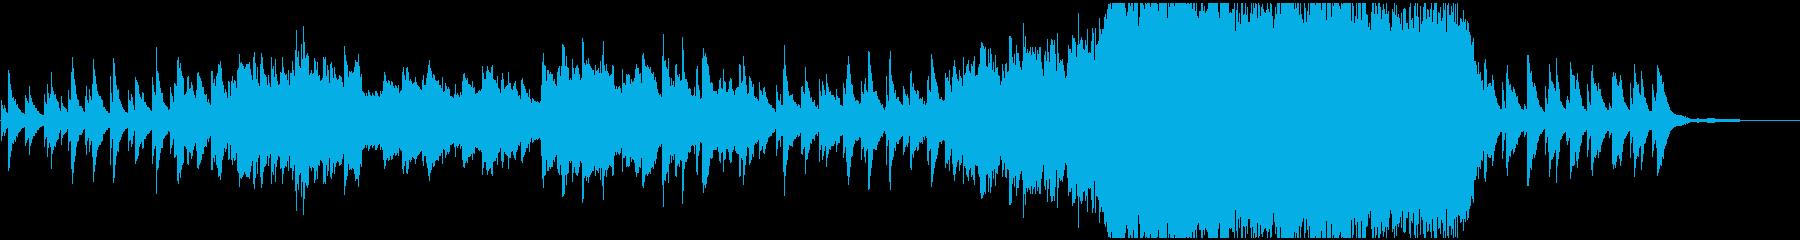 シリアスかつ悲しい雰囲気の曲の再生済みの波形